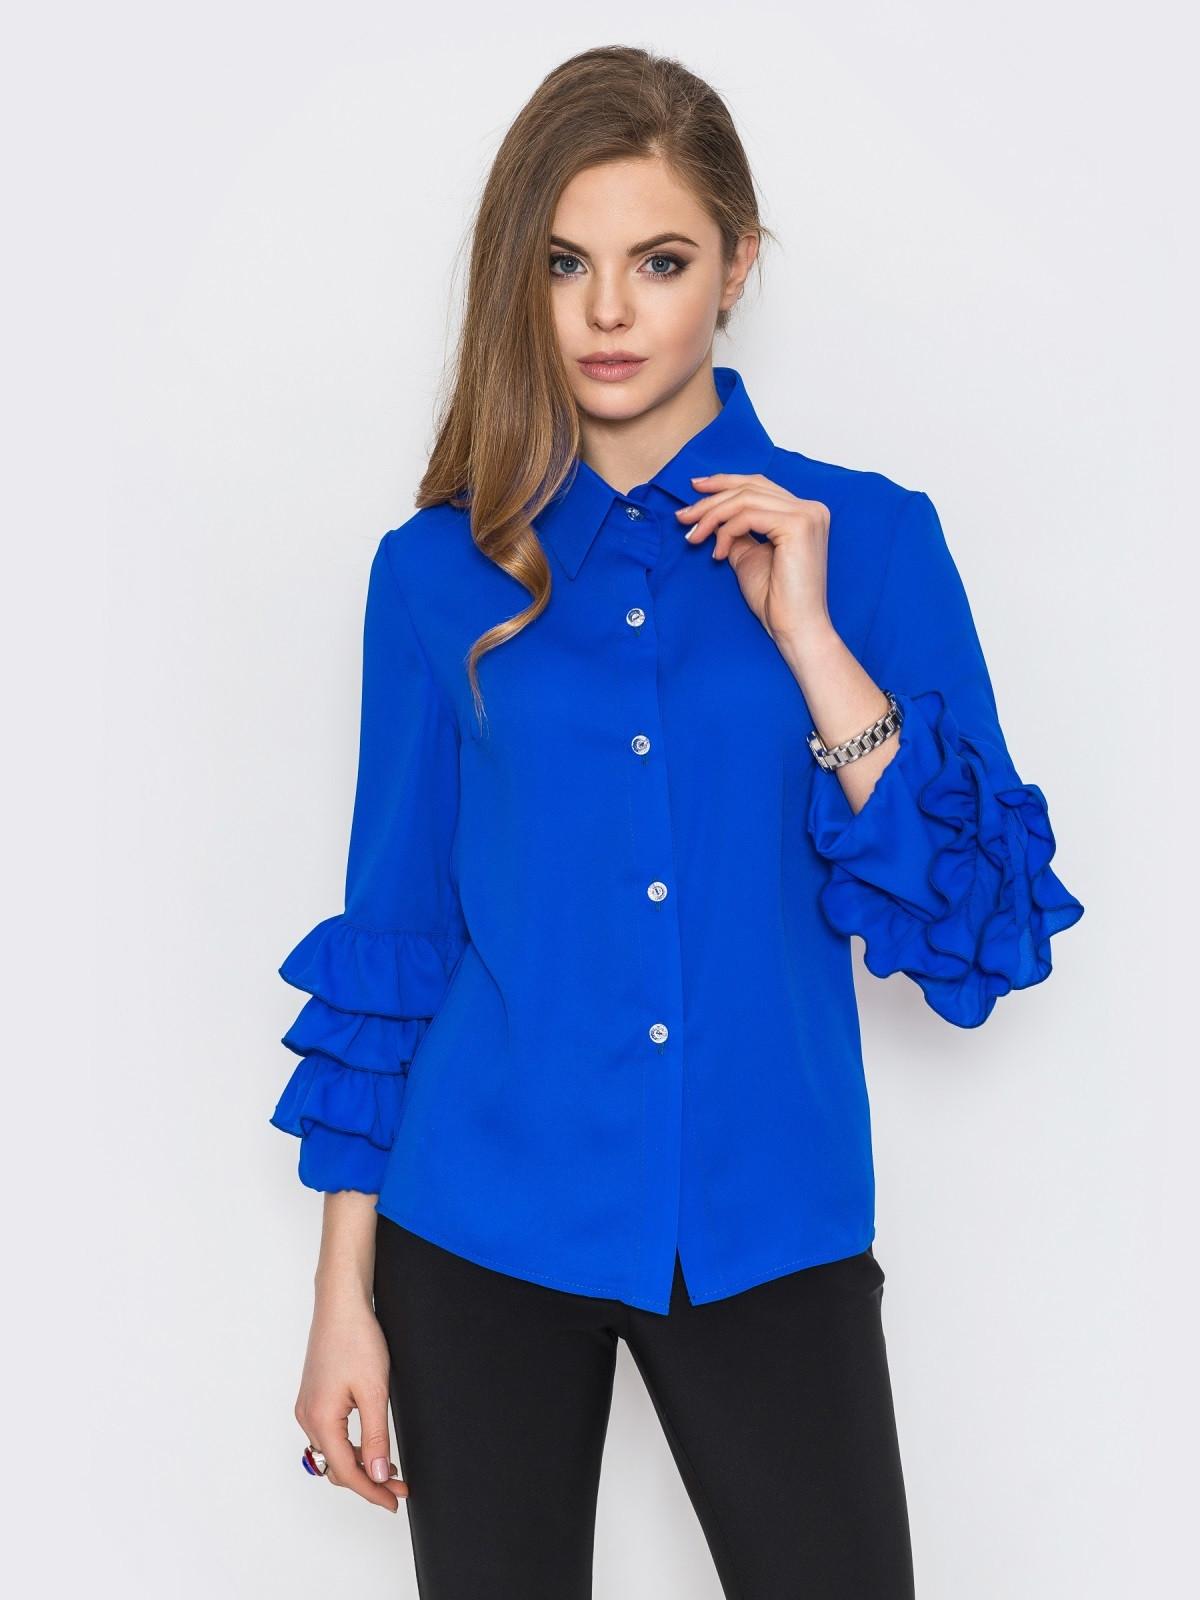 Купит блузку в украине